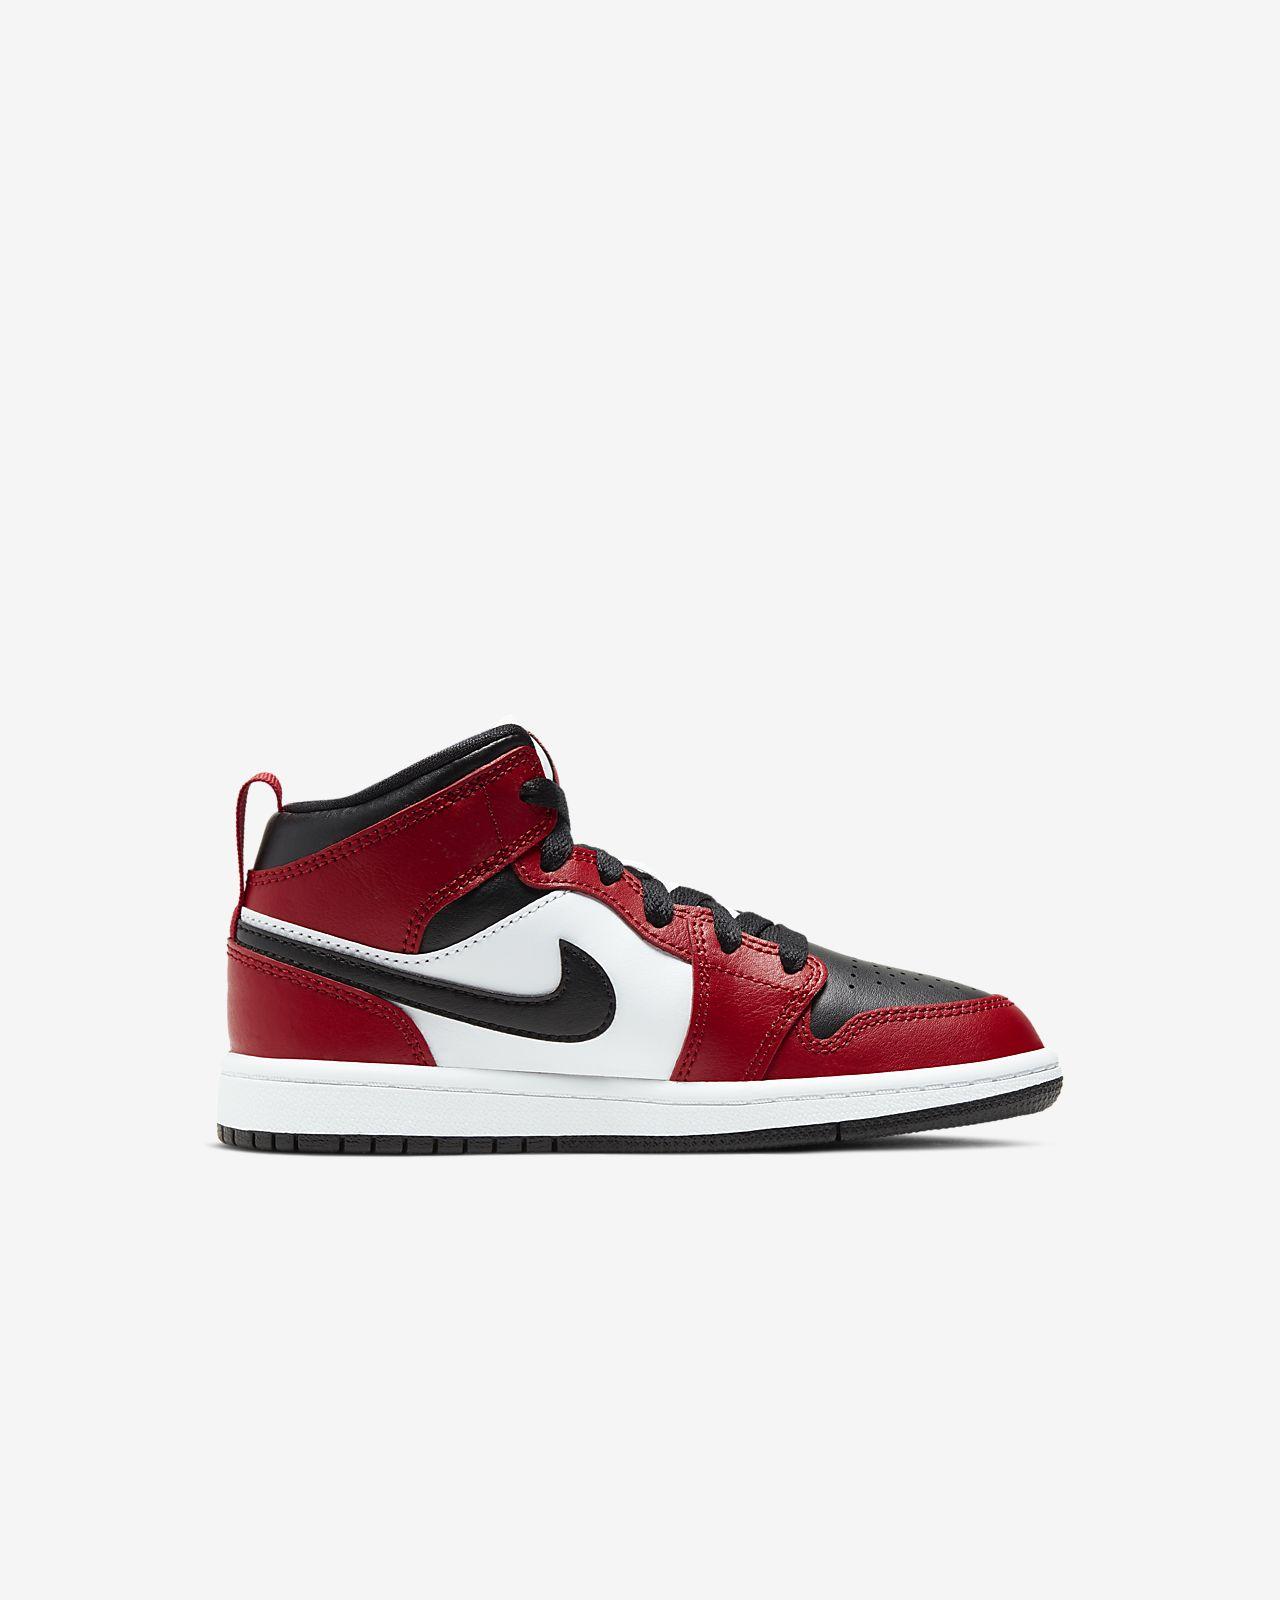 Air Jordan 1 Mid Big Kids' Shoe.